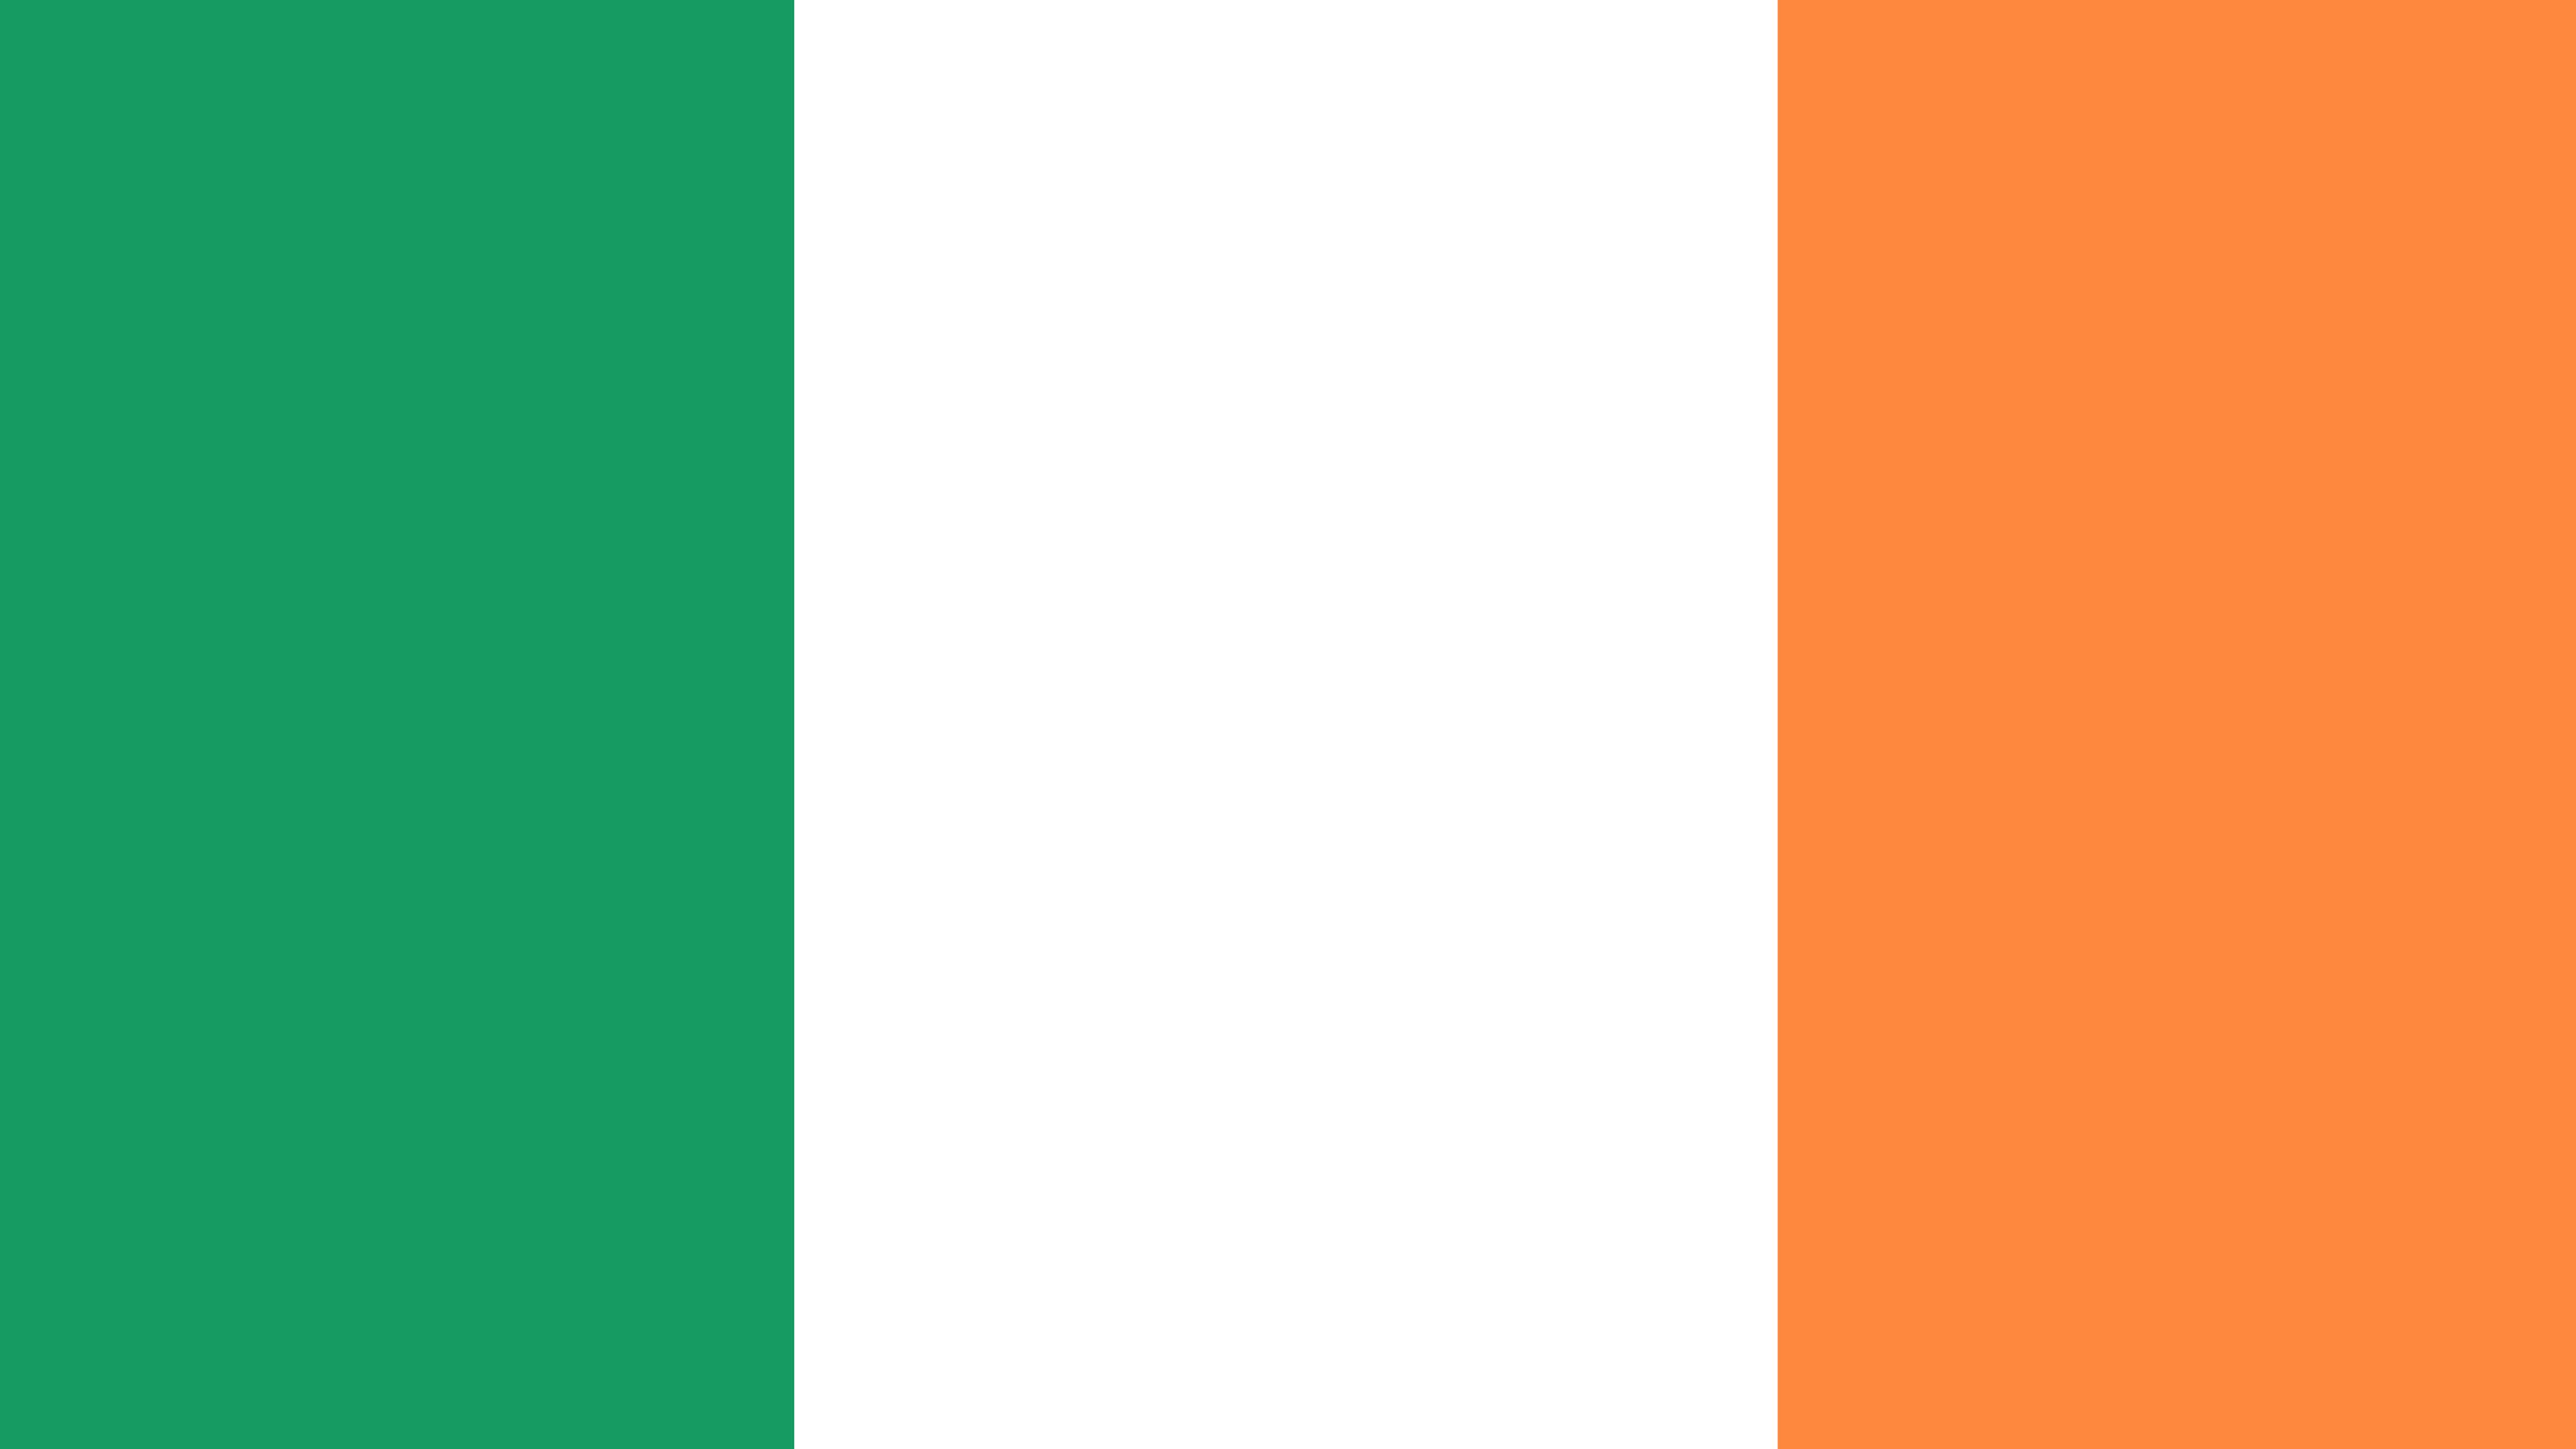 Ireland Flag UHD 4K Wallpaper Pixelz 3840x2160